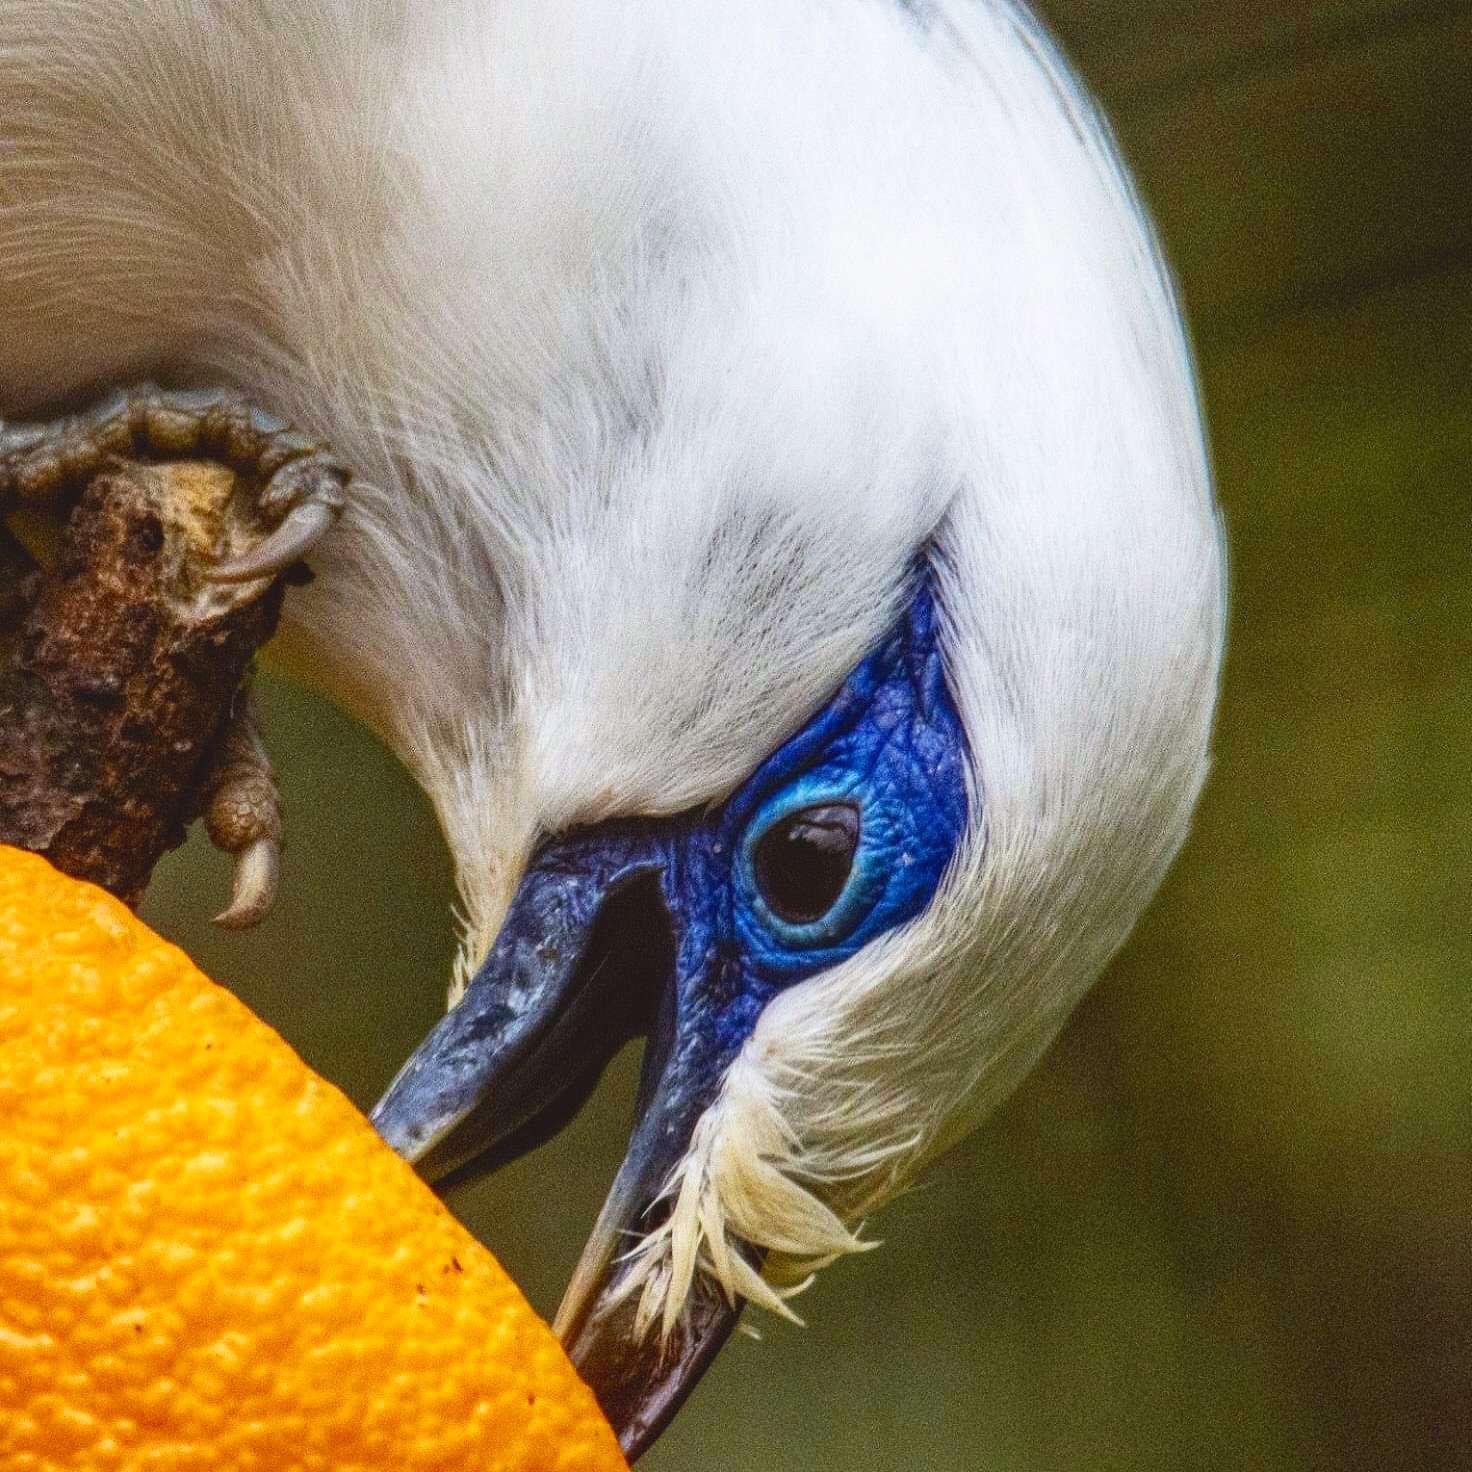 Europäische Erhaltungszucht für den globalen Artenschutz - Foto: H. Meierjohann - Balistare im Vogelpark Heiligenkirchen